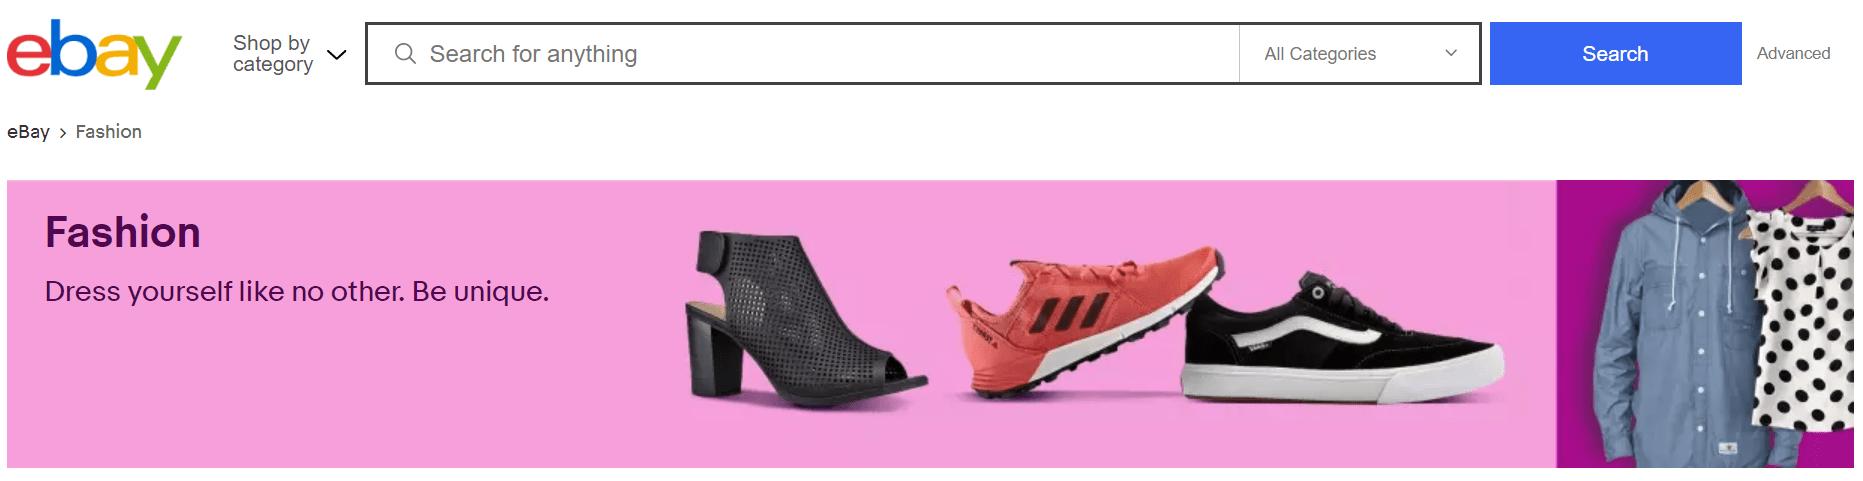 ebay fashion products